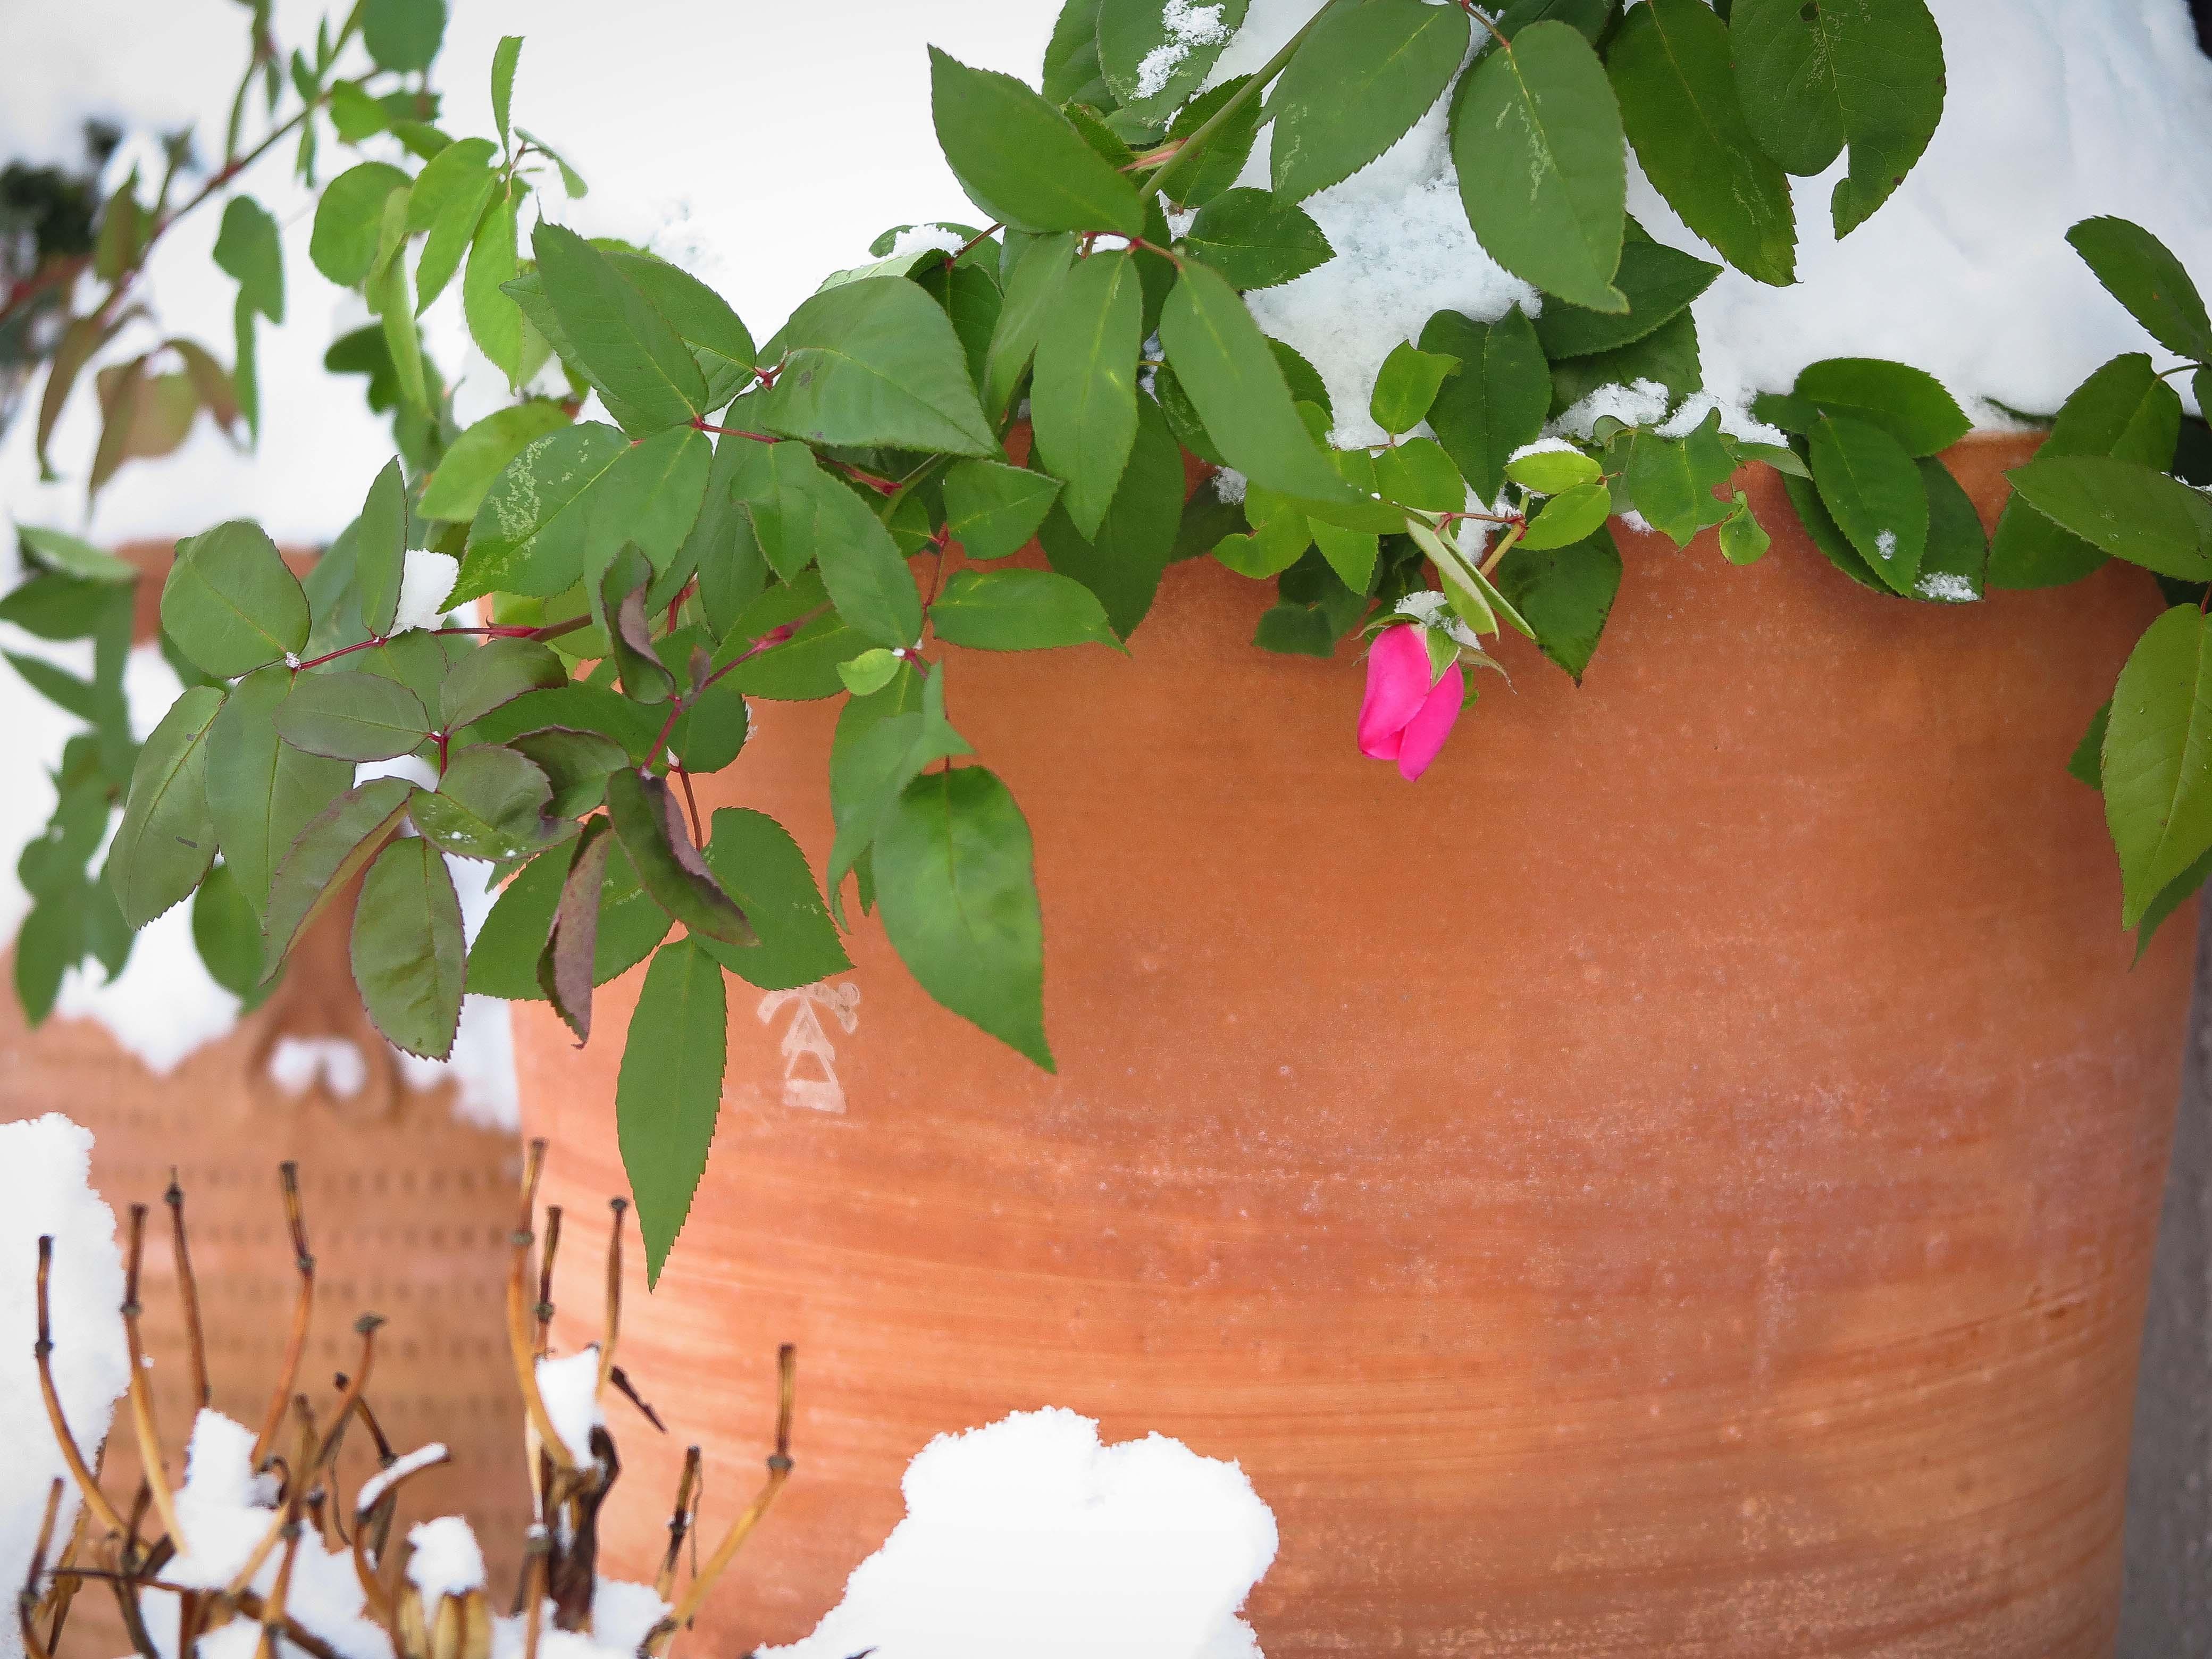 Vintertåliga krukor. Frosttåliga höga krukor. Stora krukor av terrakotta.